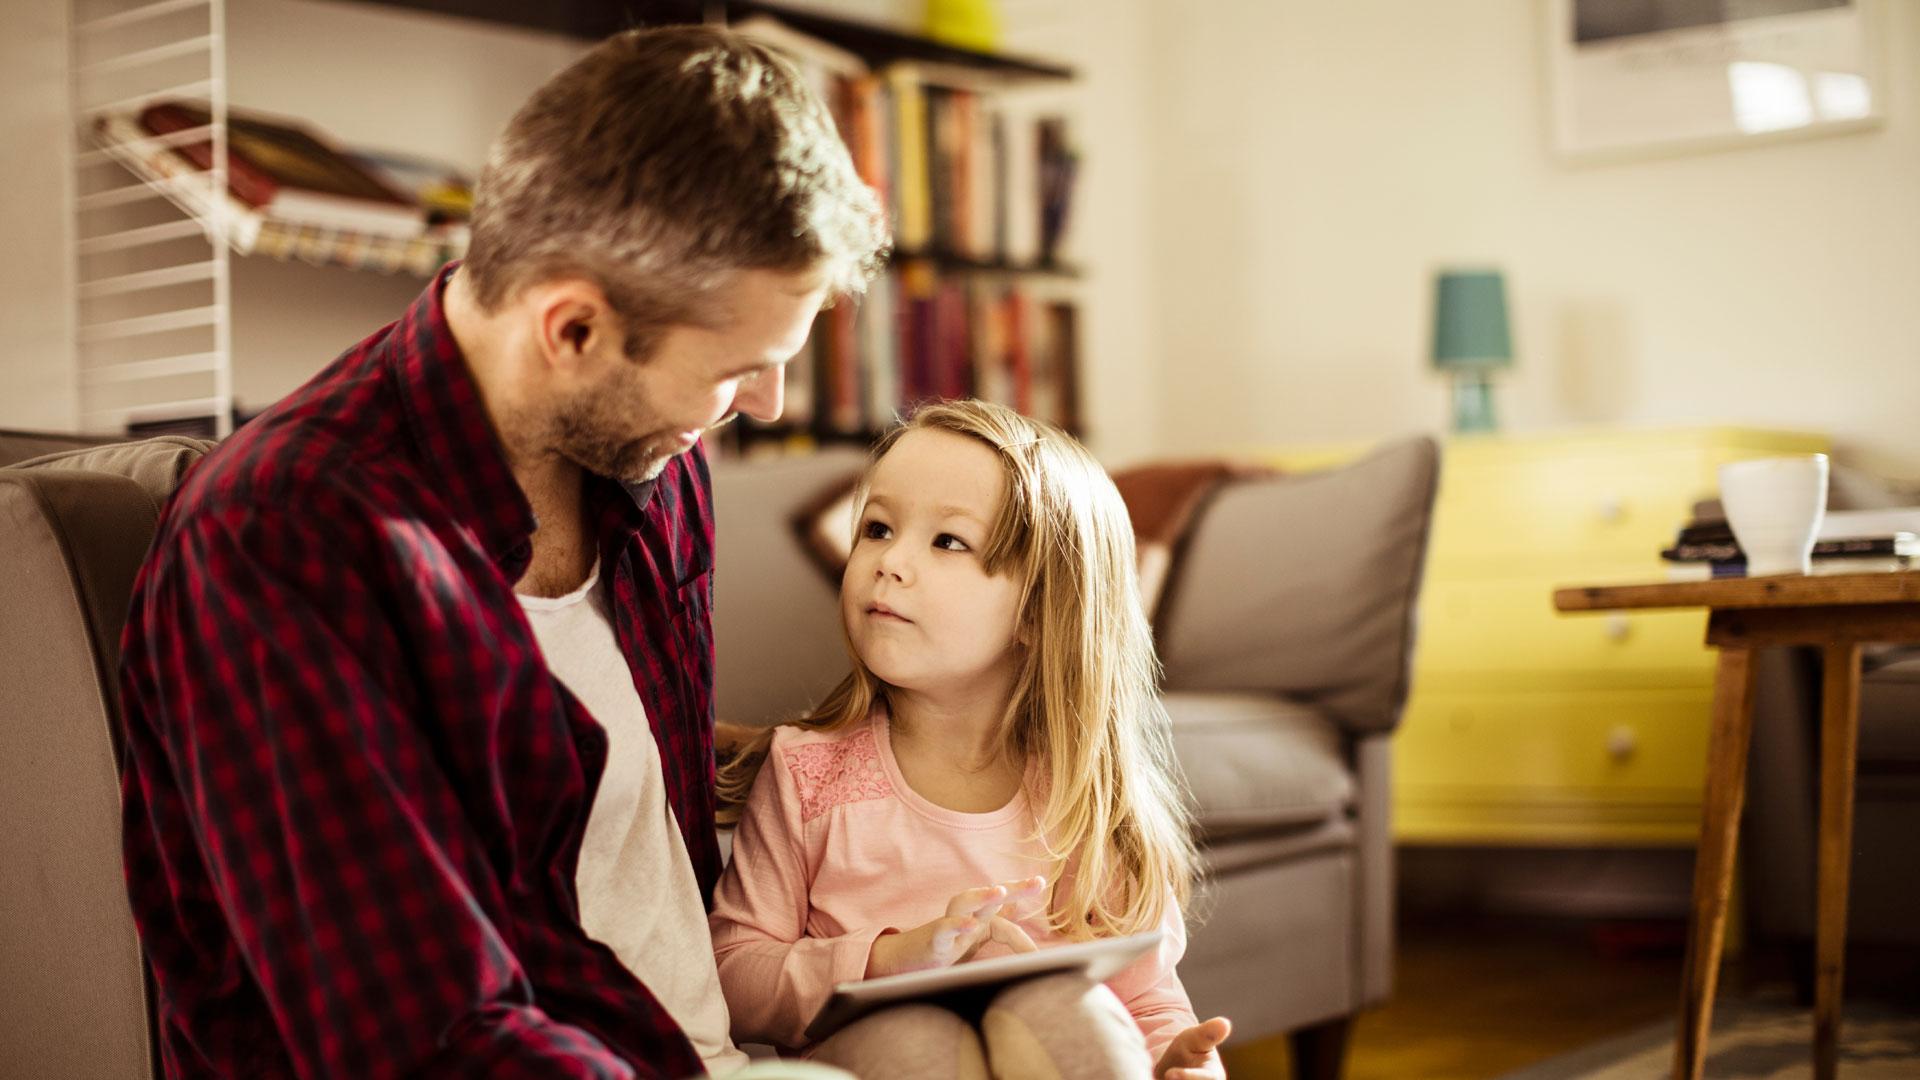 Vater schaut mit seinem Kind auf ein Tablet.